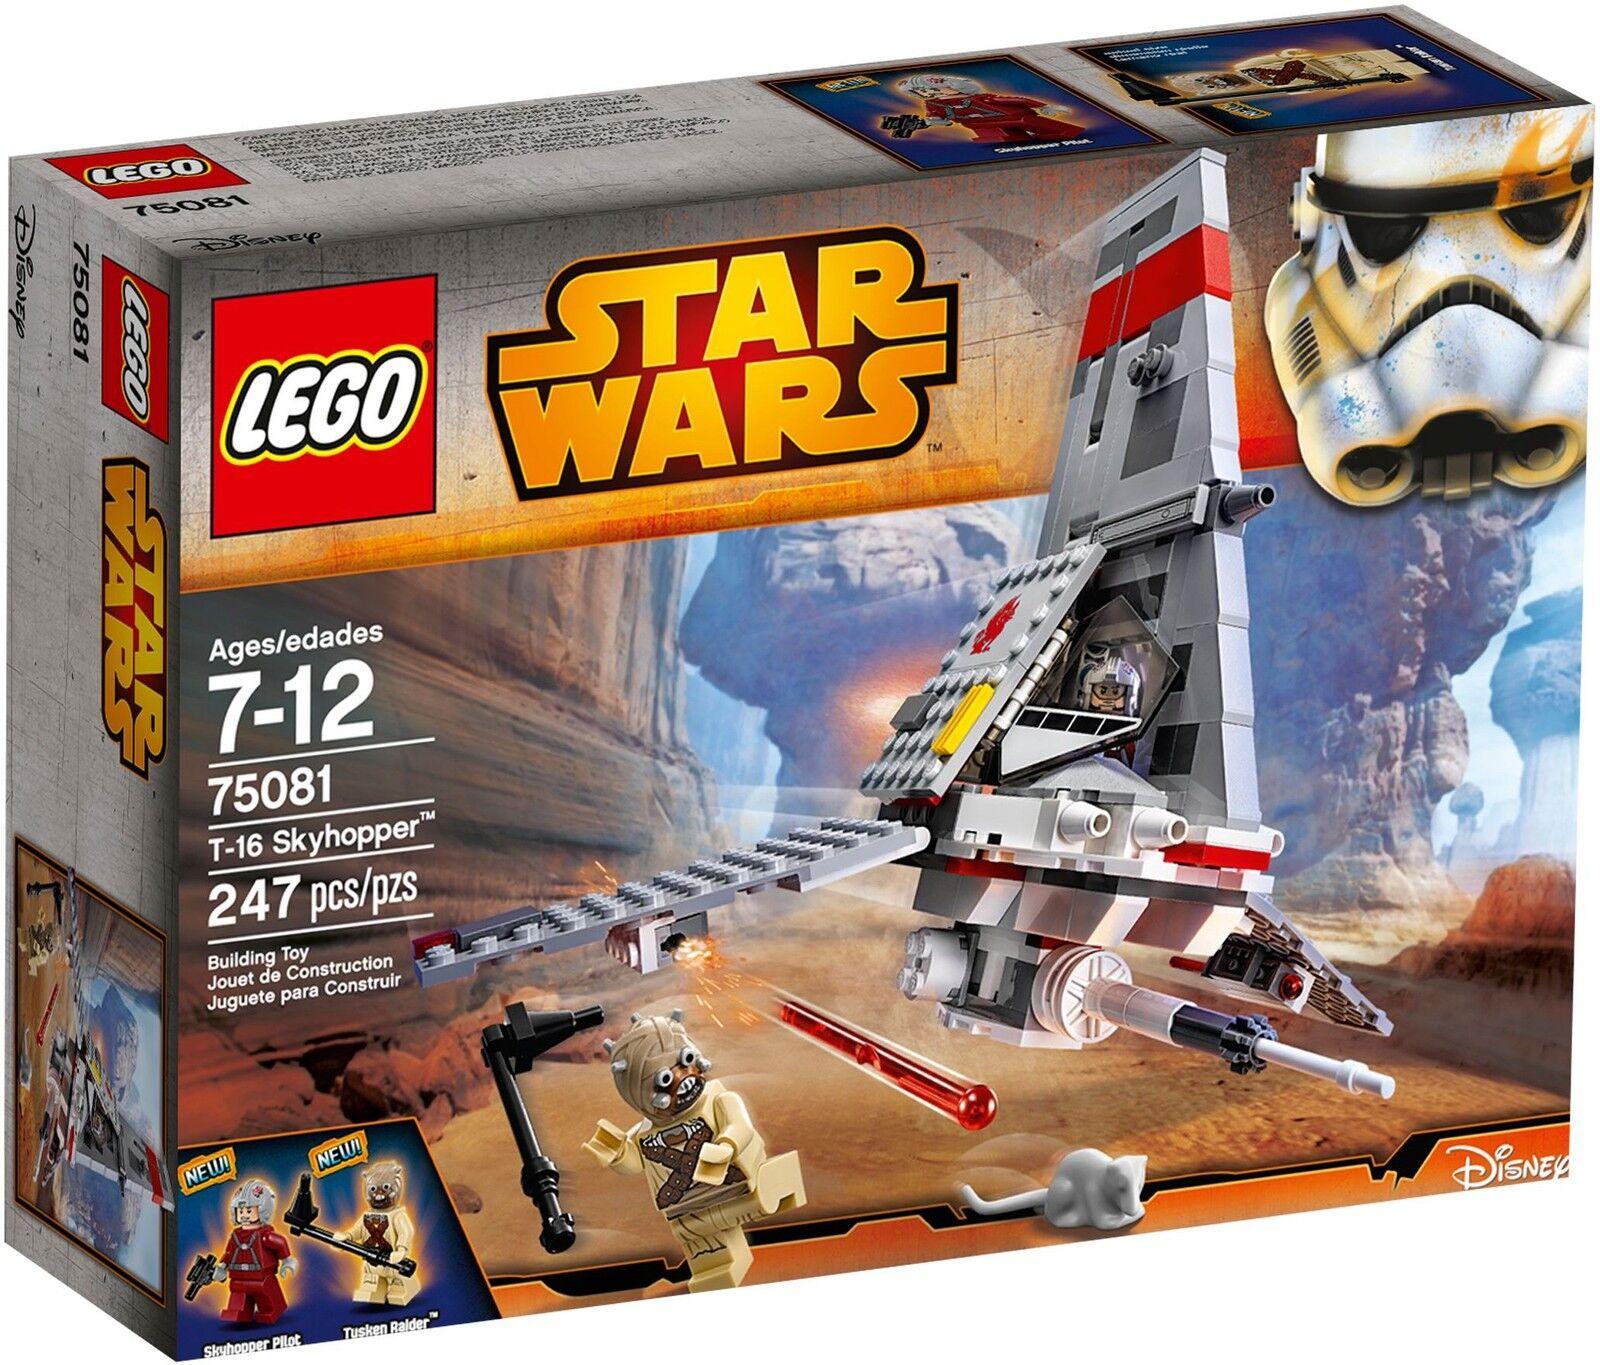 negozio all'ingrosso LEGO Estrella Estrella Estrella Guerras - 75081 t-16 cieloHOPPER con Tusken Raider-NUOVO & OVP  grandi offerte